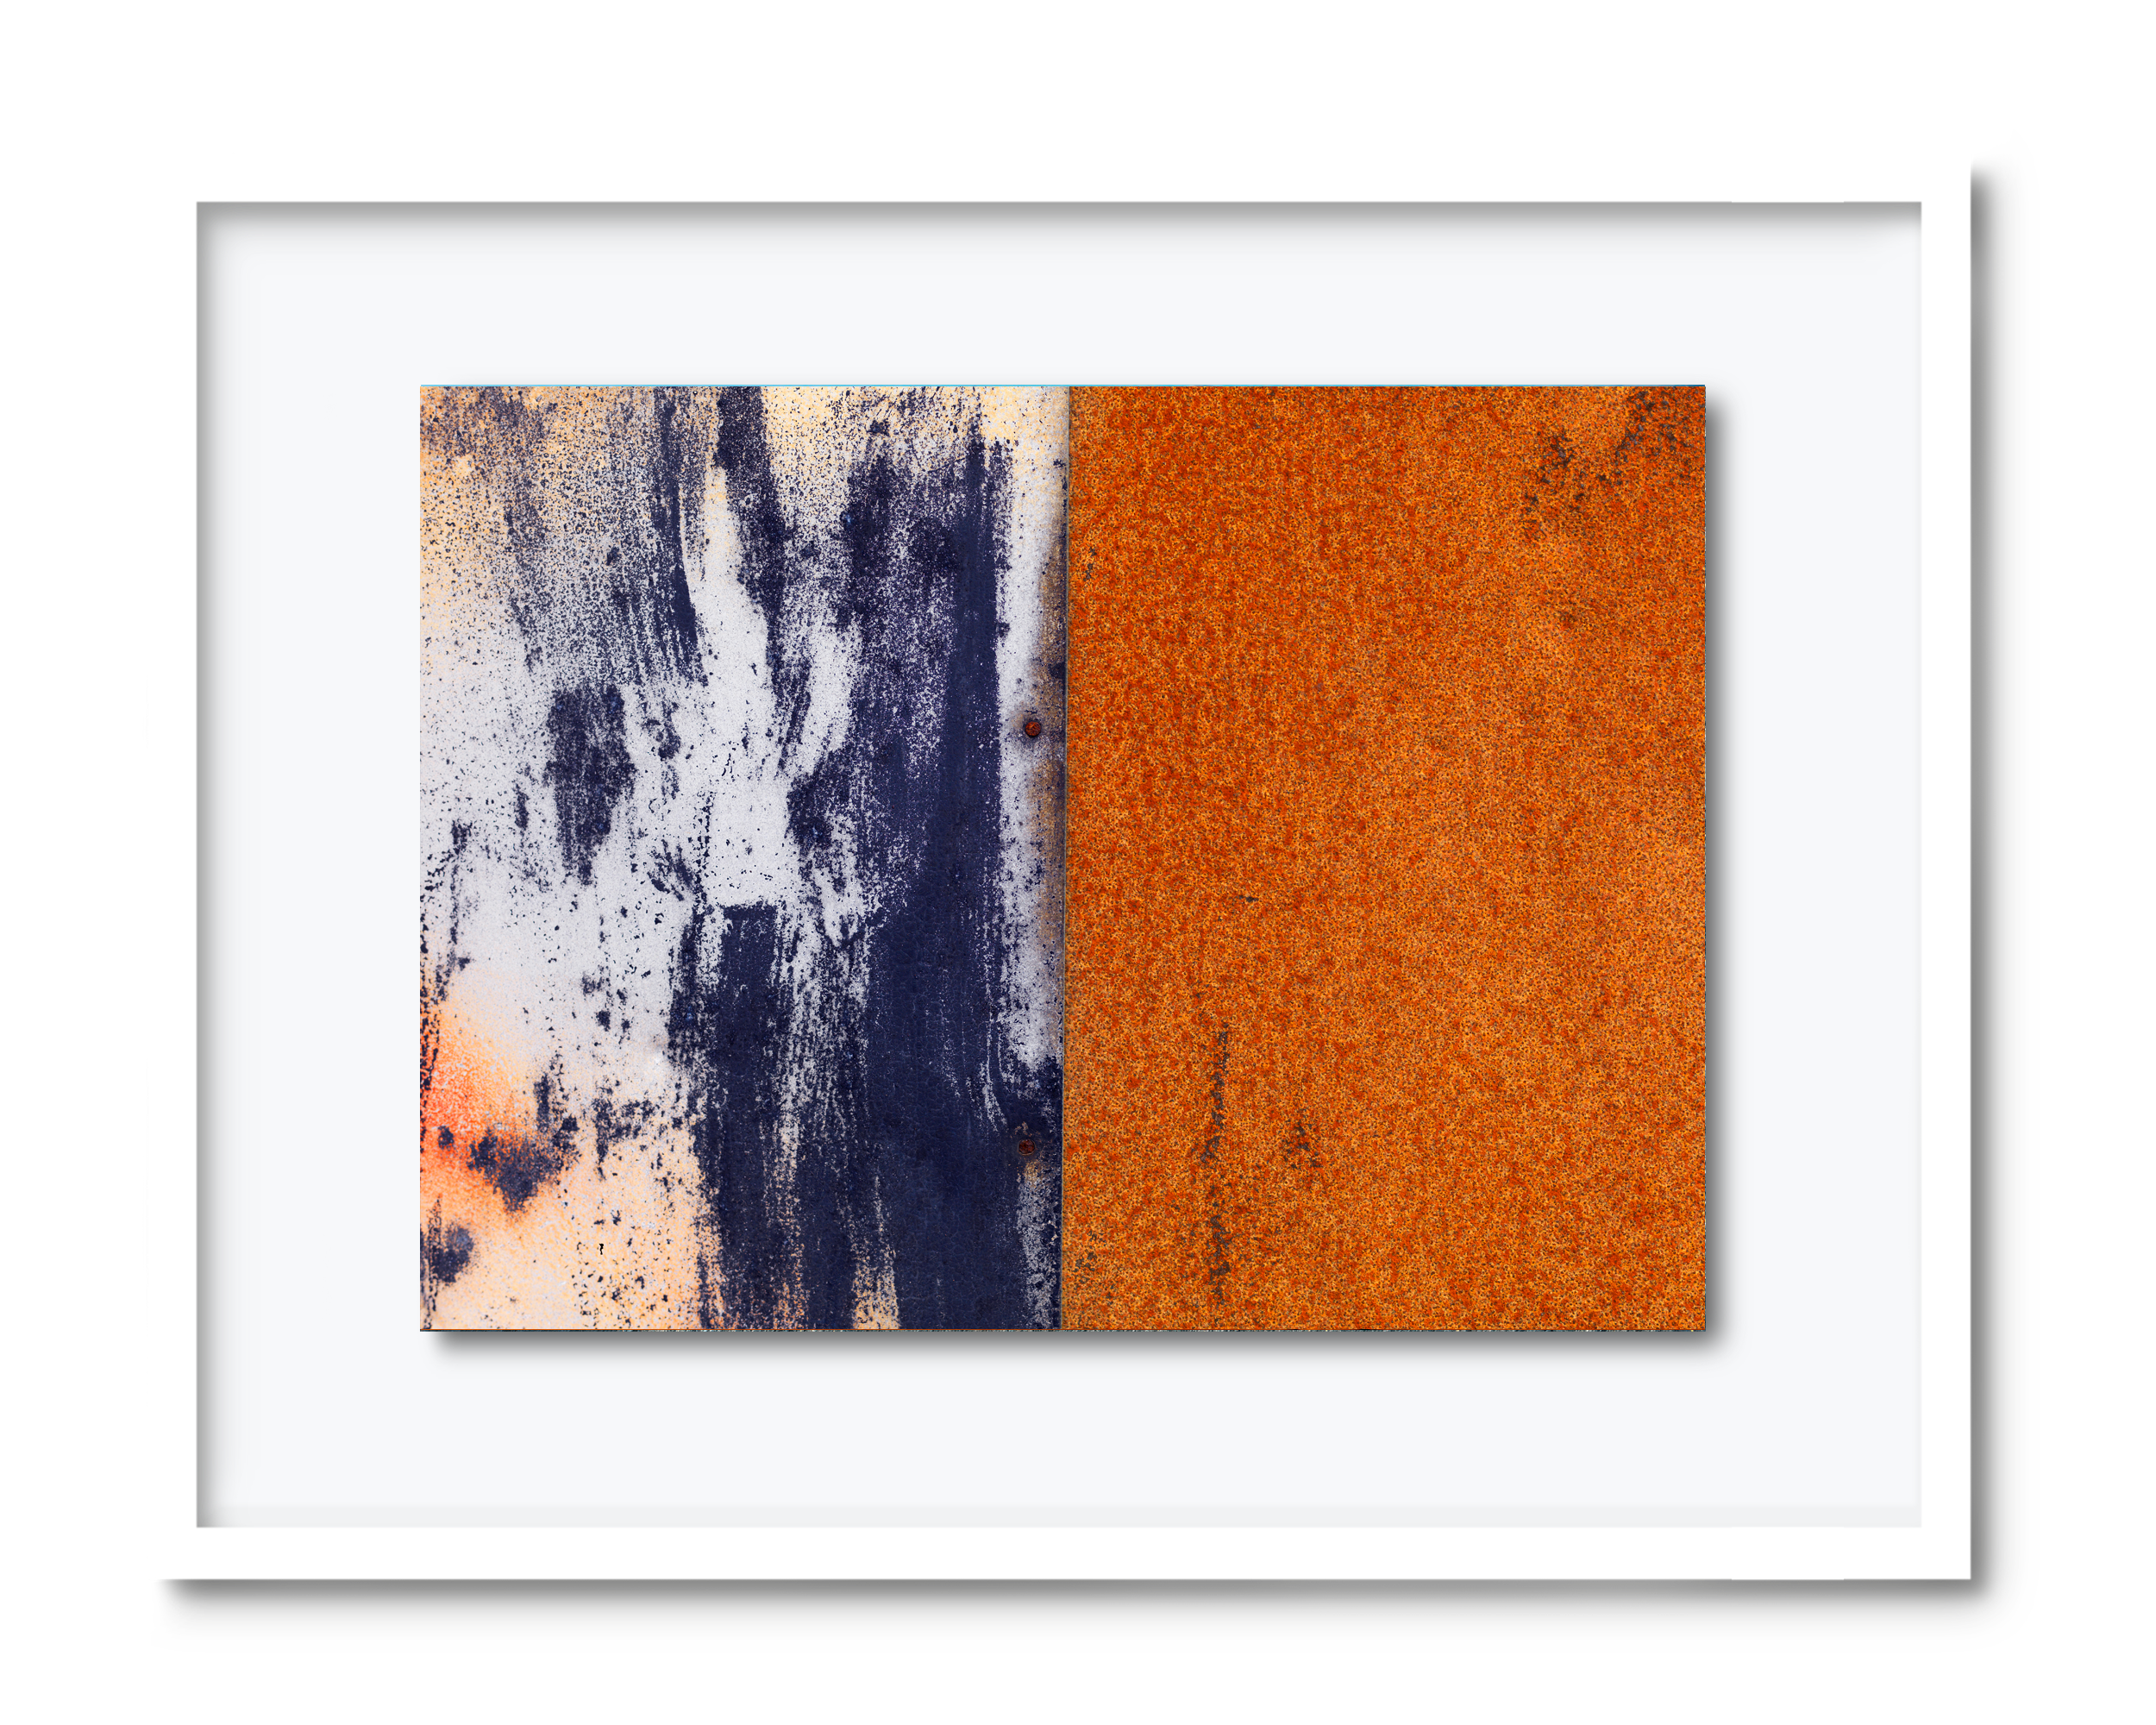 63.david-pearce-rust-paint.png